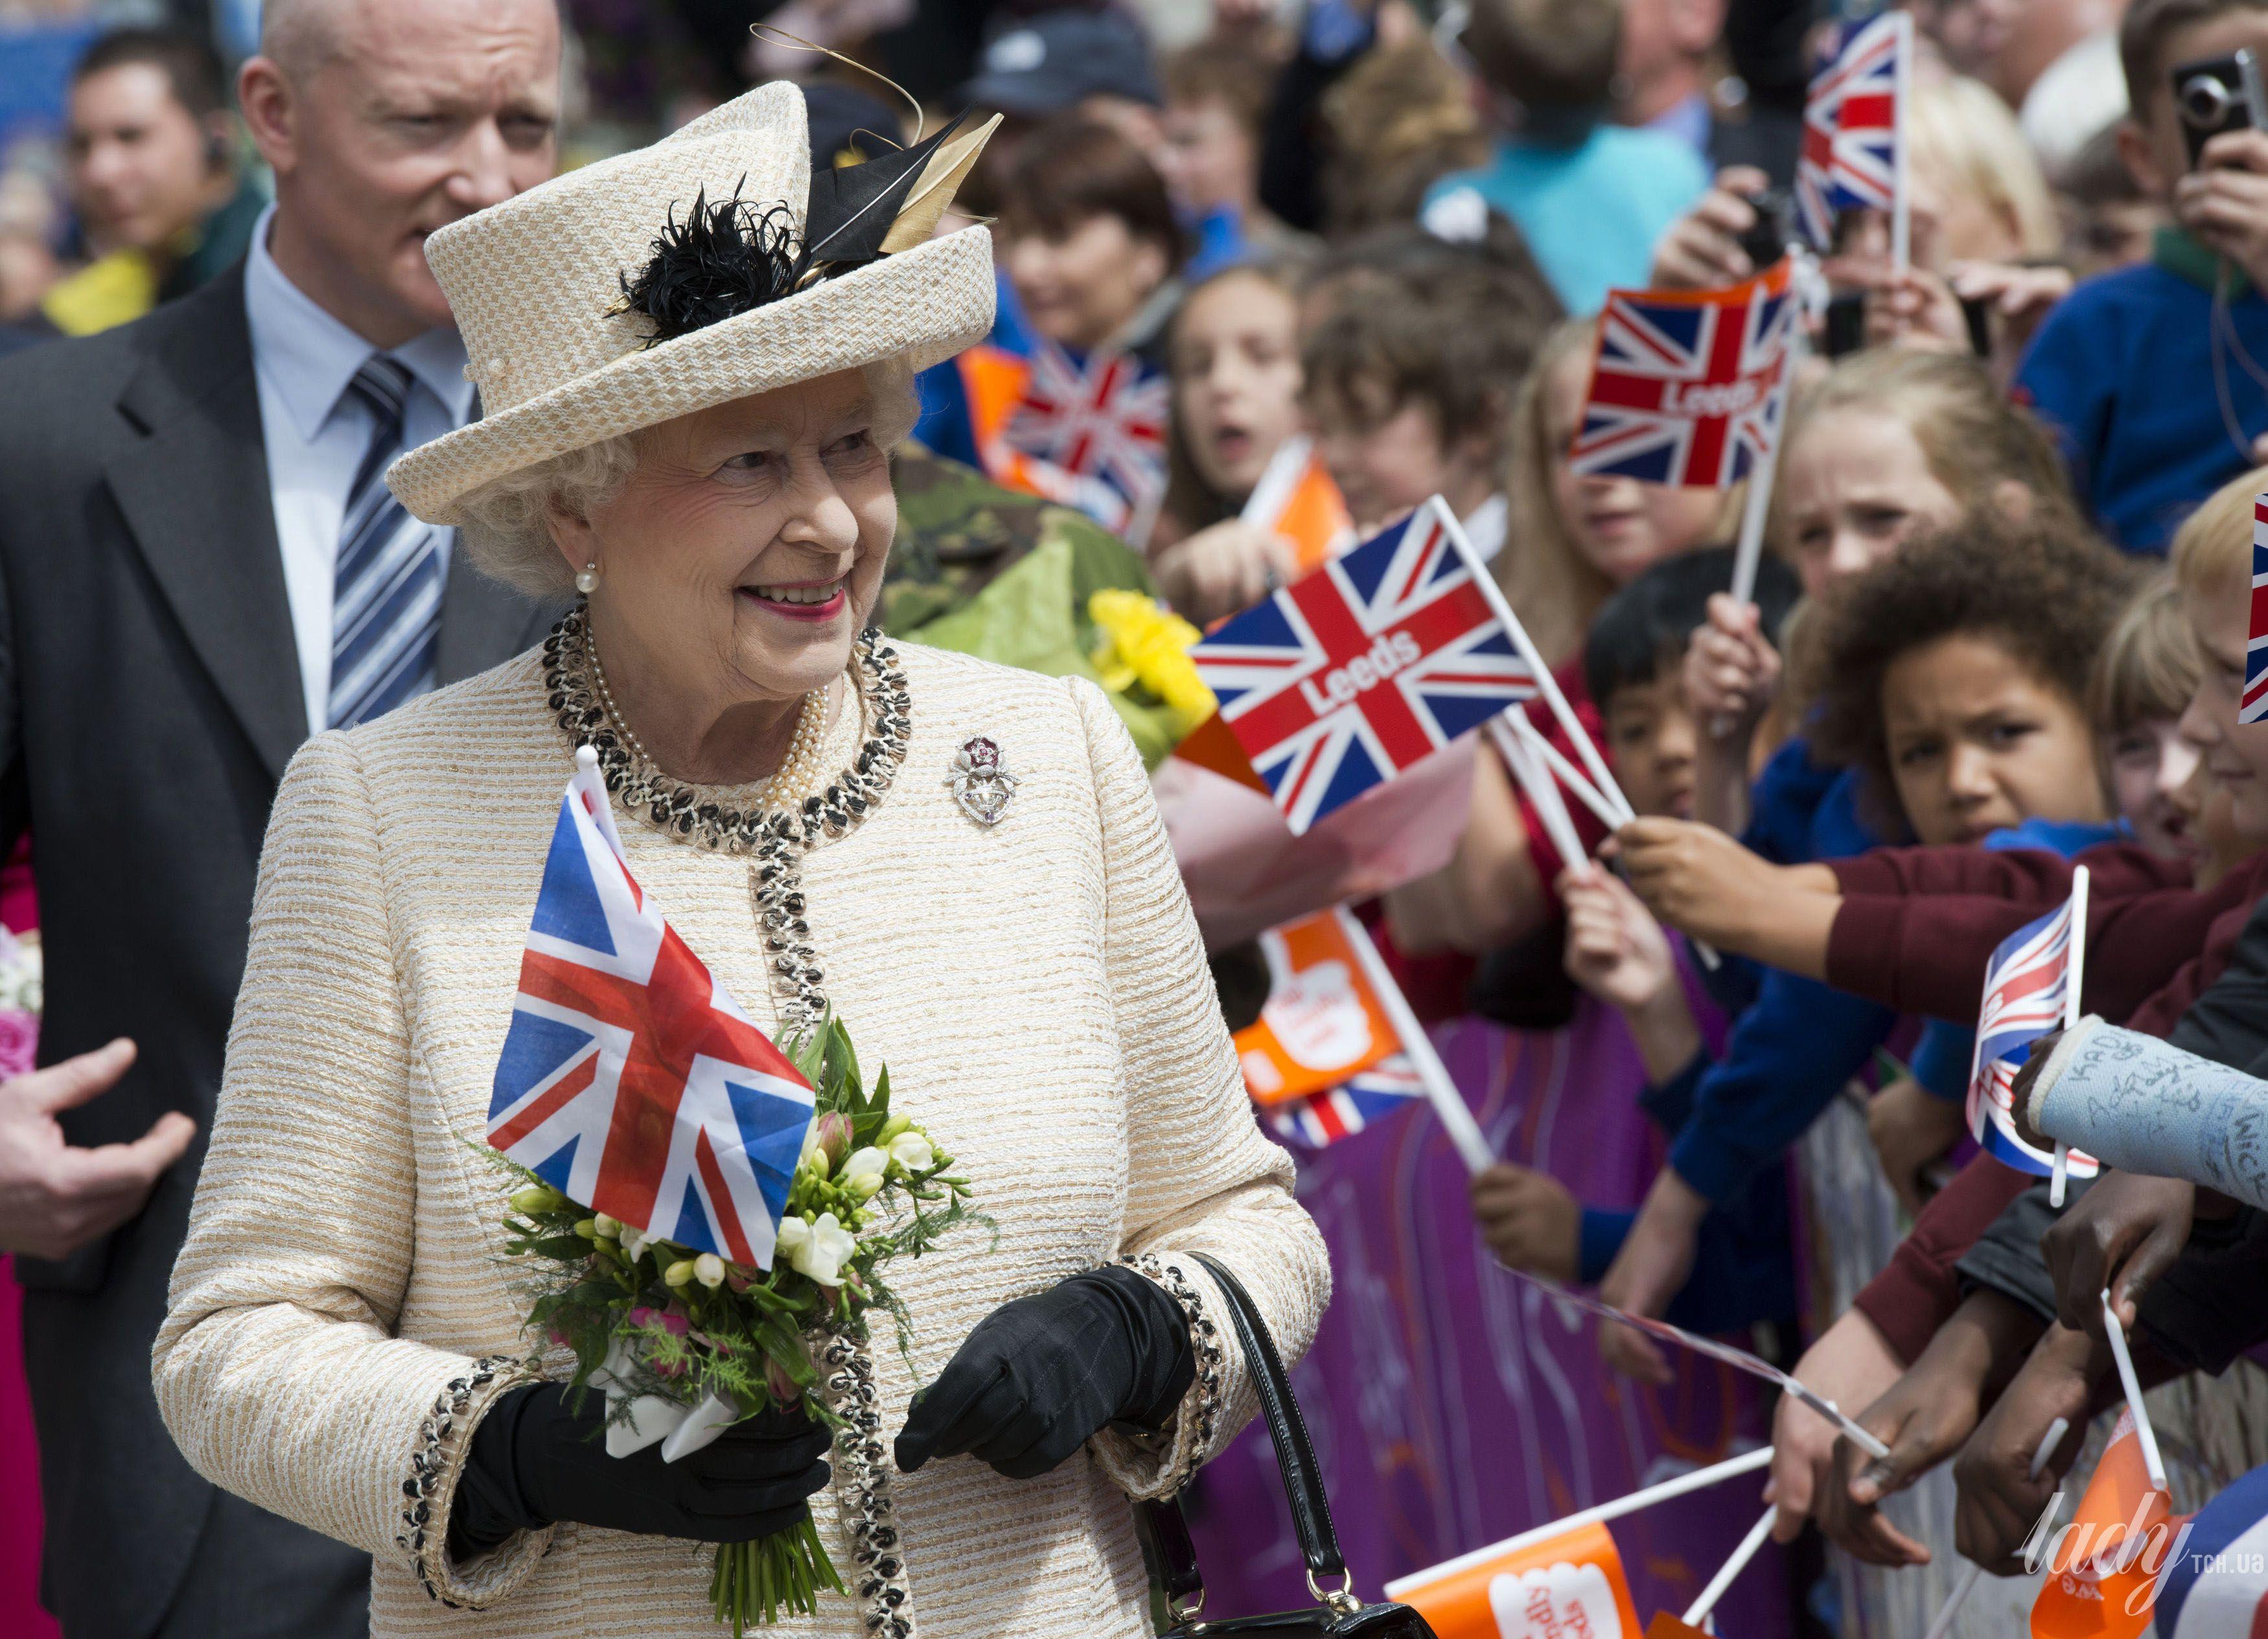 картинки переведены поздравление королевы англии шуточное называют